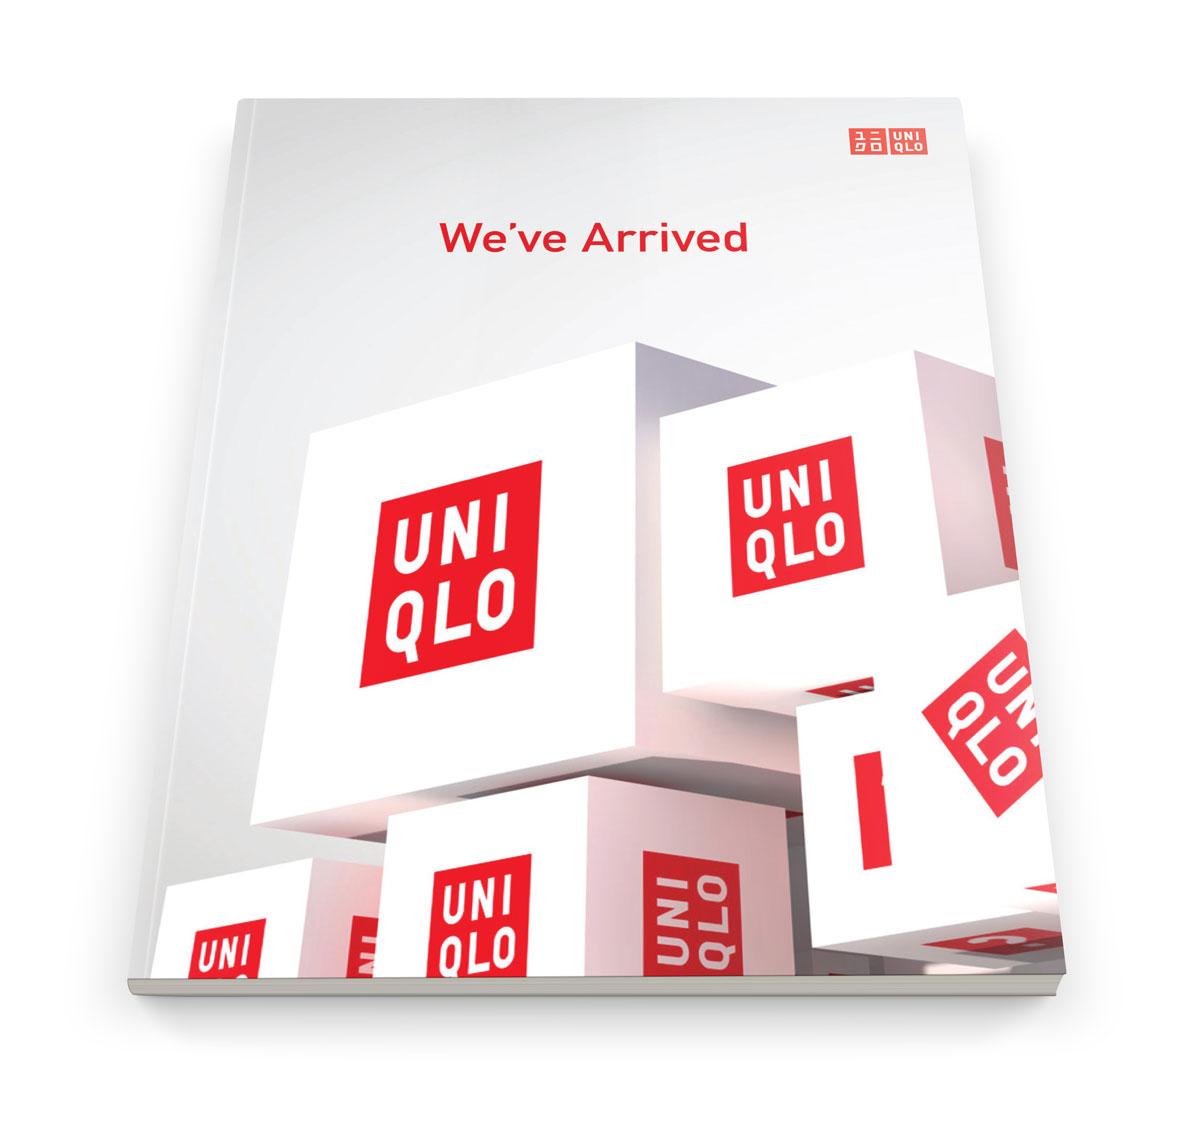 uniqlo_cover.jpg